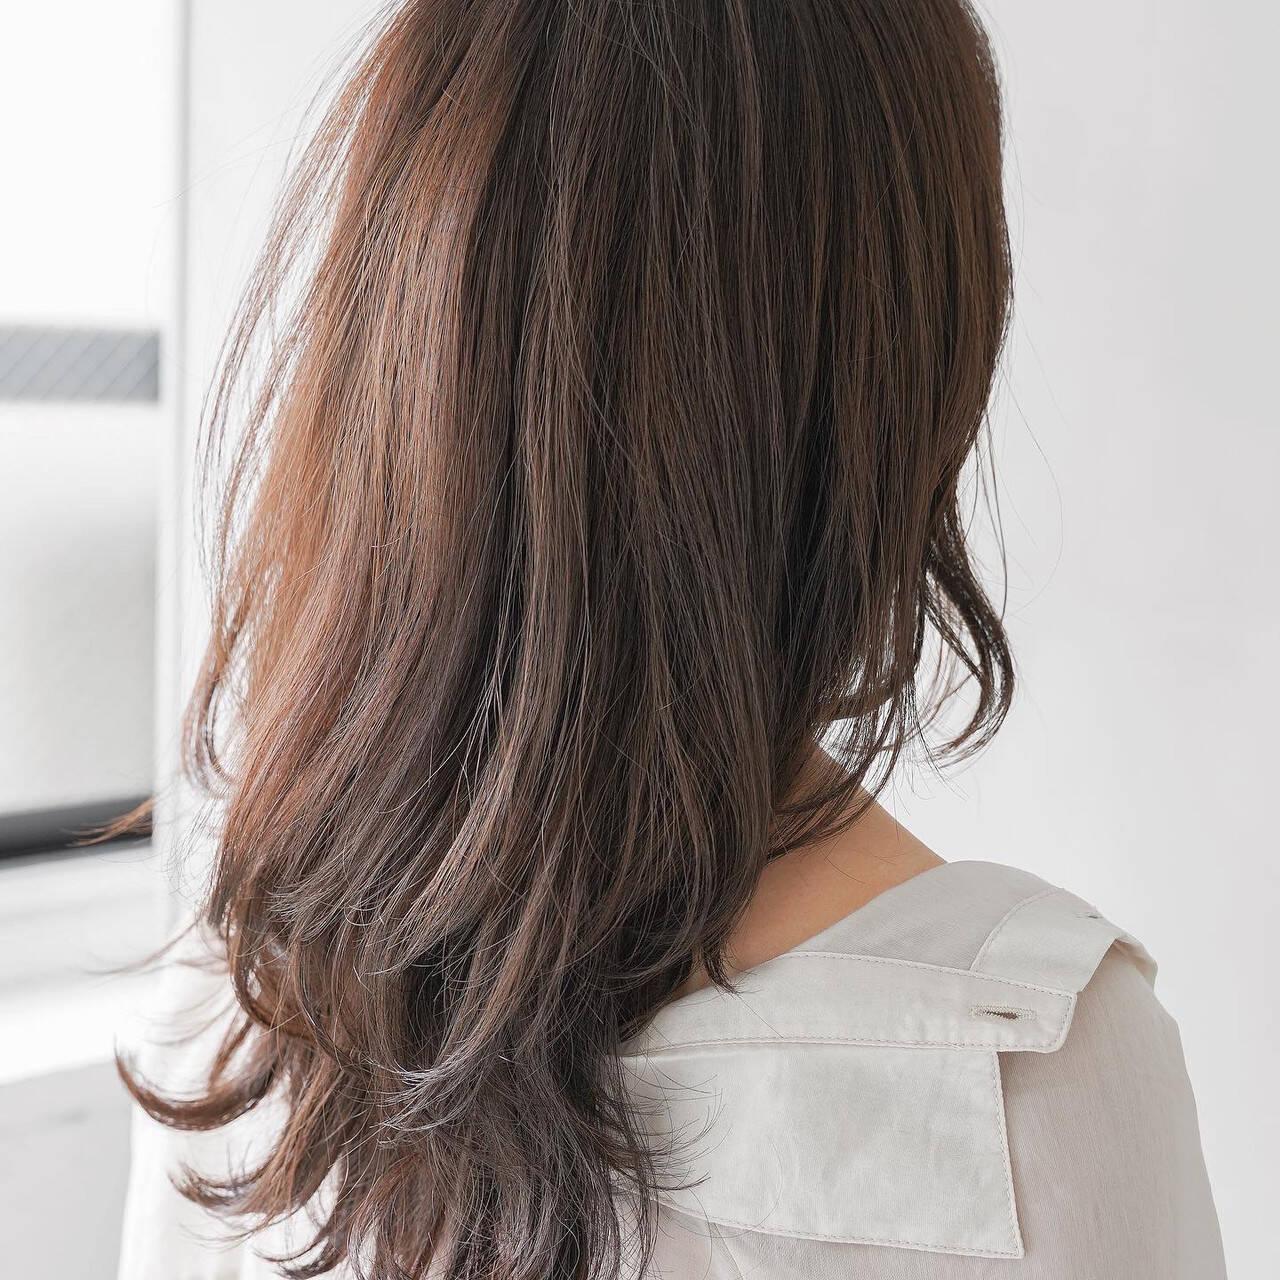 フェミニン ロングヘアスタイル 毛先パーマ ロングヘアスタイルや髪型の写真・画像